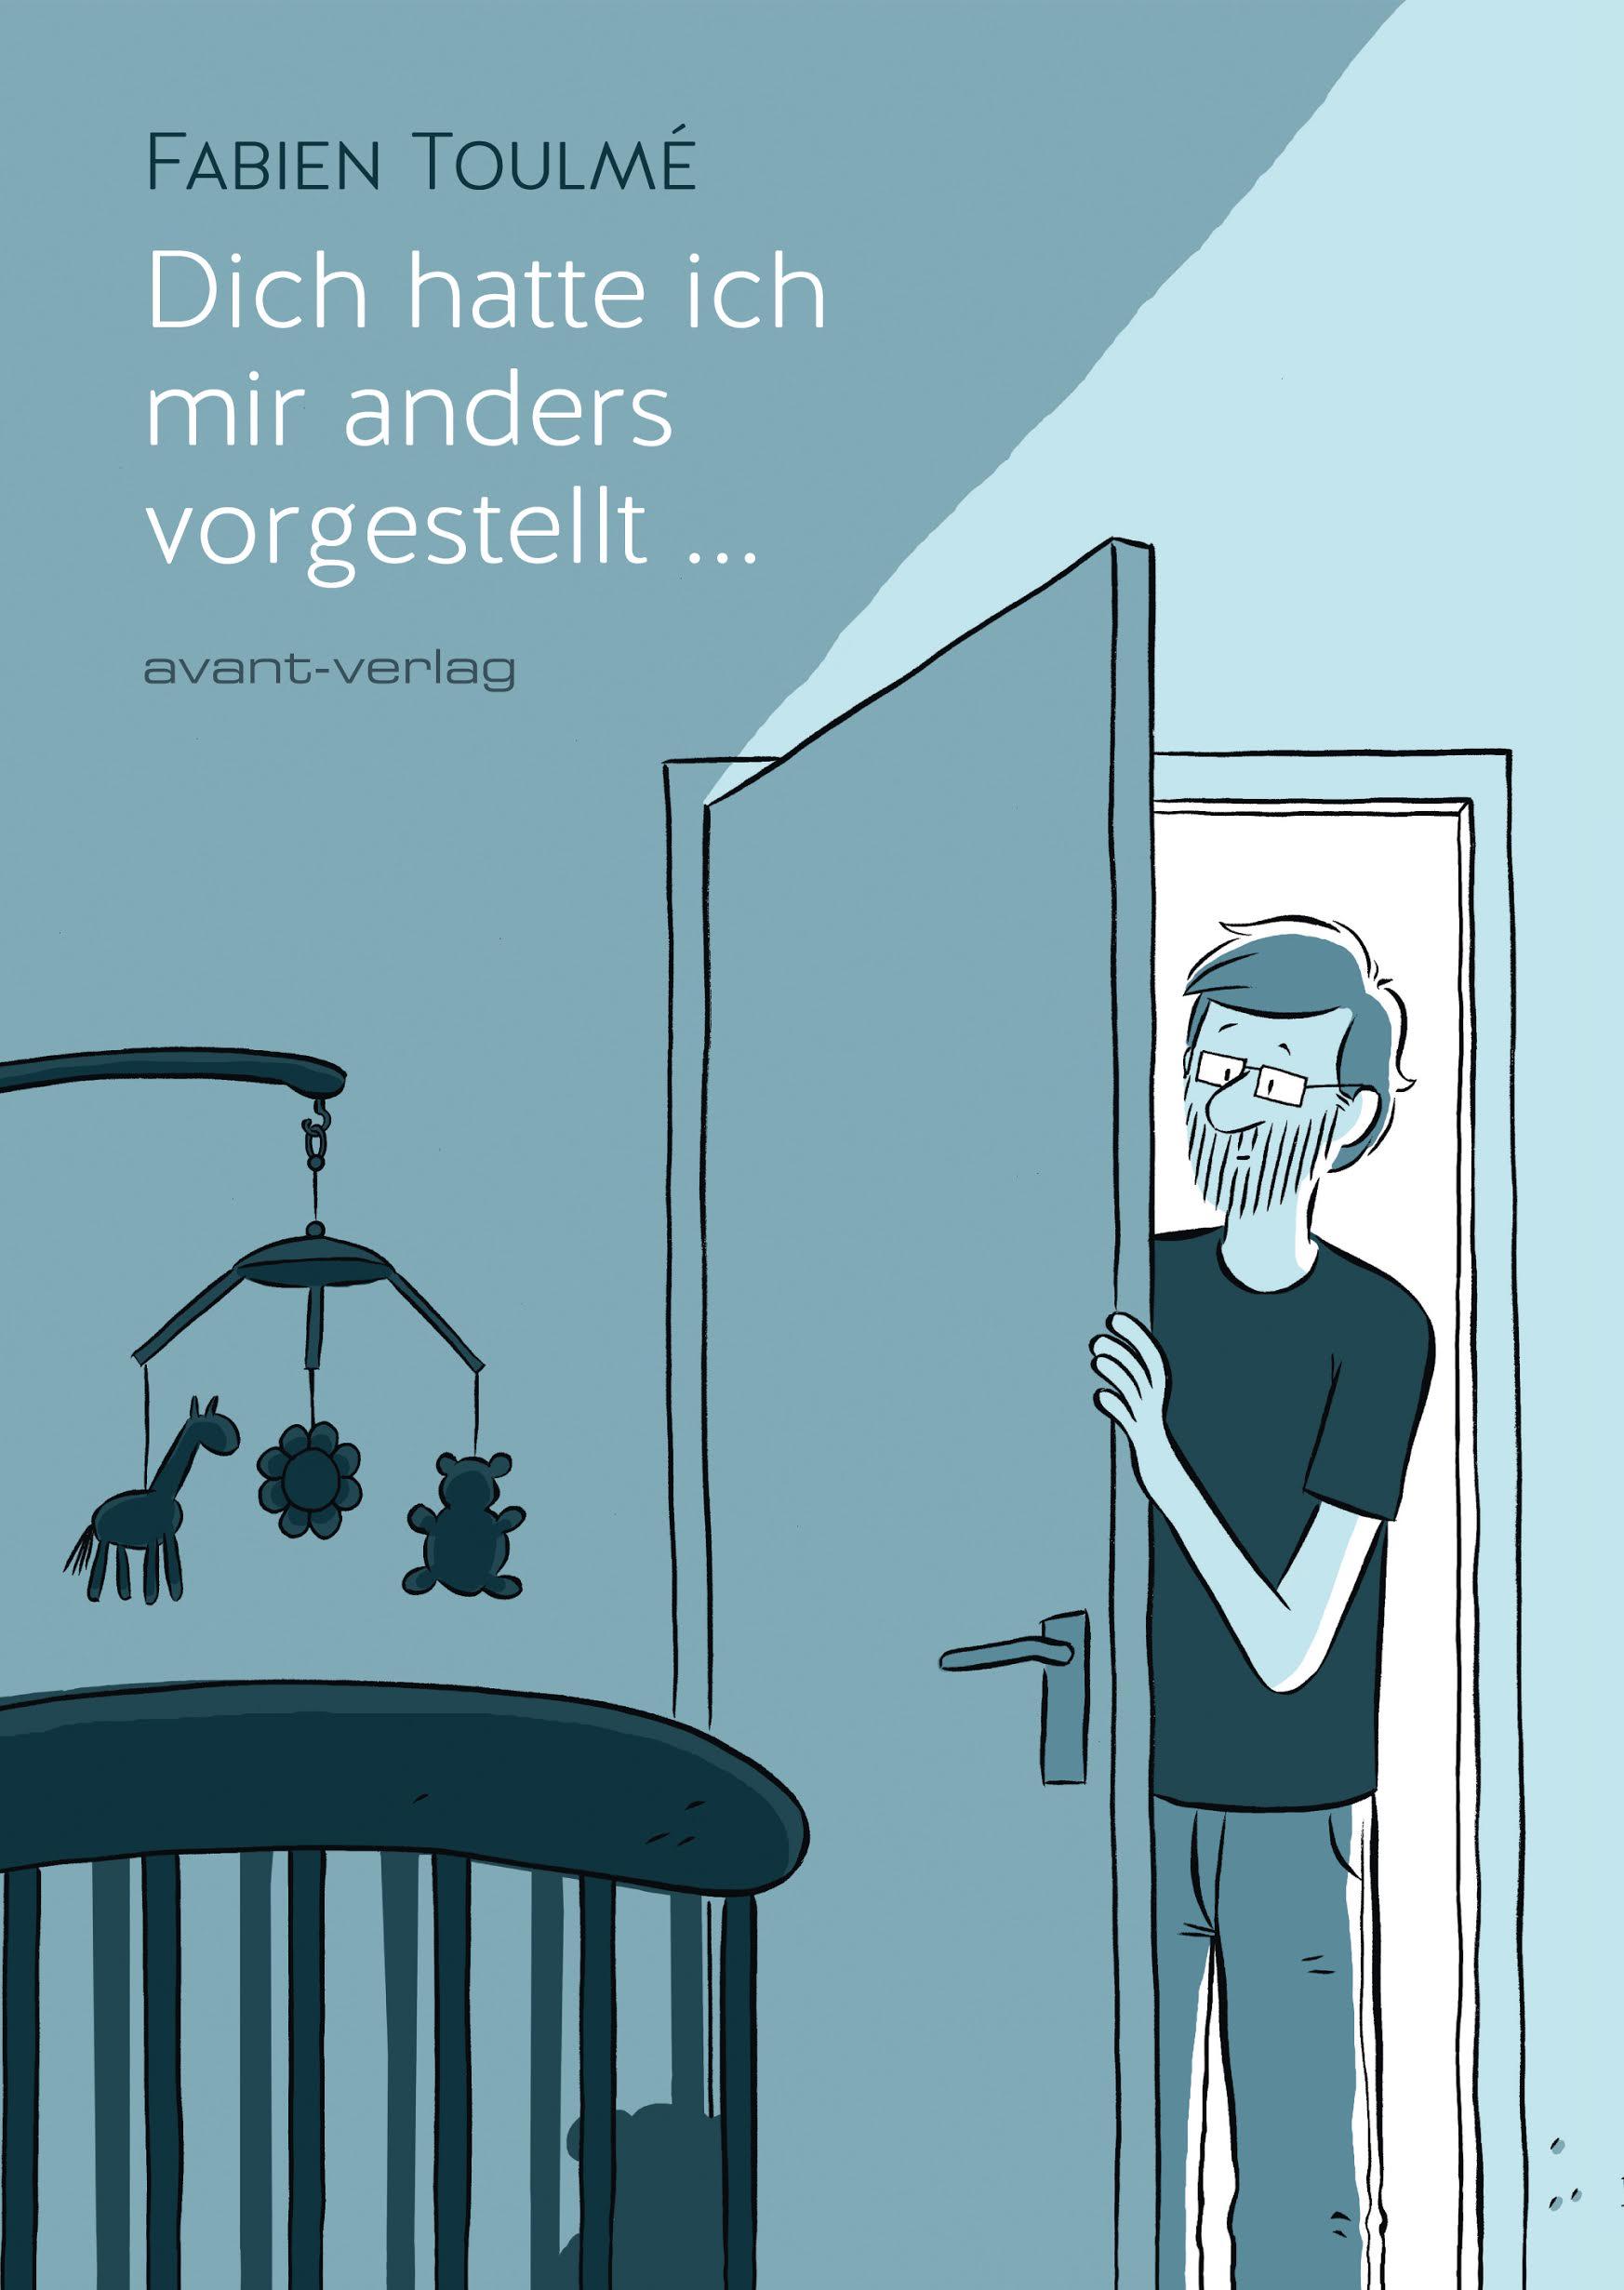 Graphic Novel von Fabien Toulmé: Dich hatte ich mir anders vorgestellt